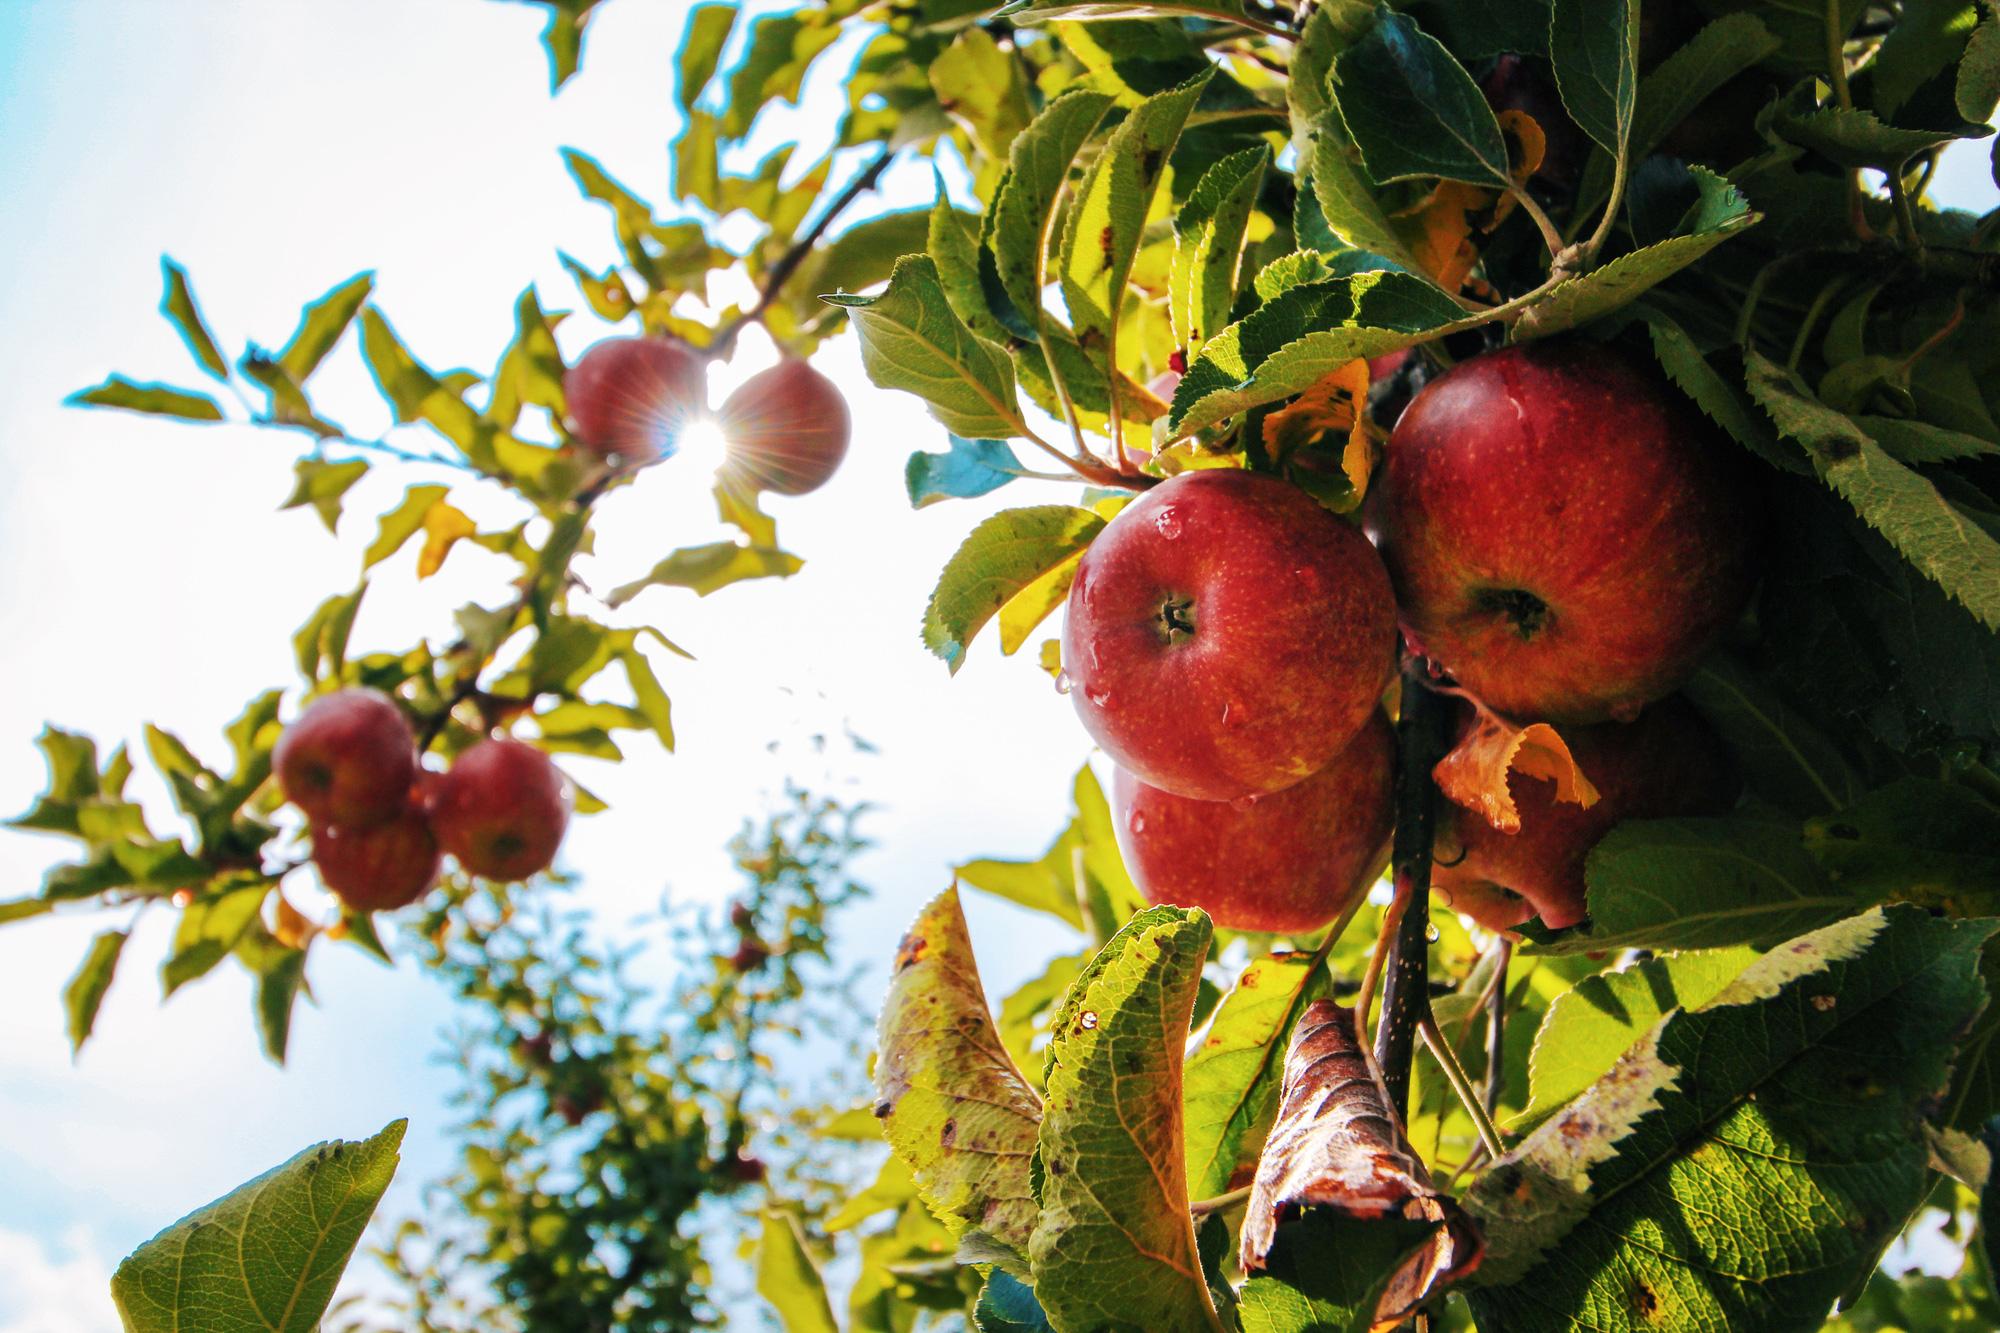 EU có nhu cầu cao về sản phẩm rau quả từ các nước đang phát triển - Ảnh 1.